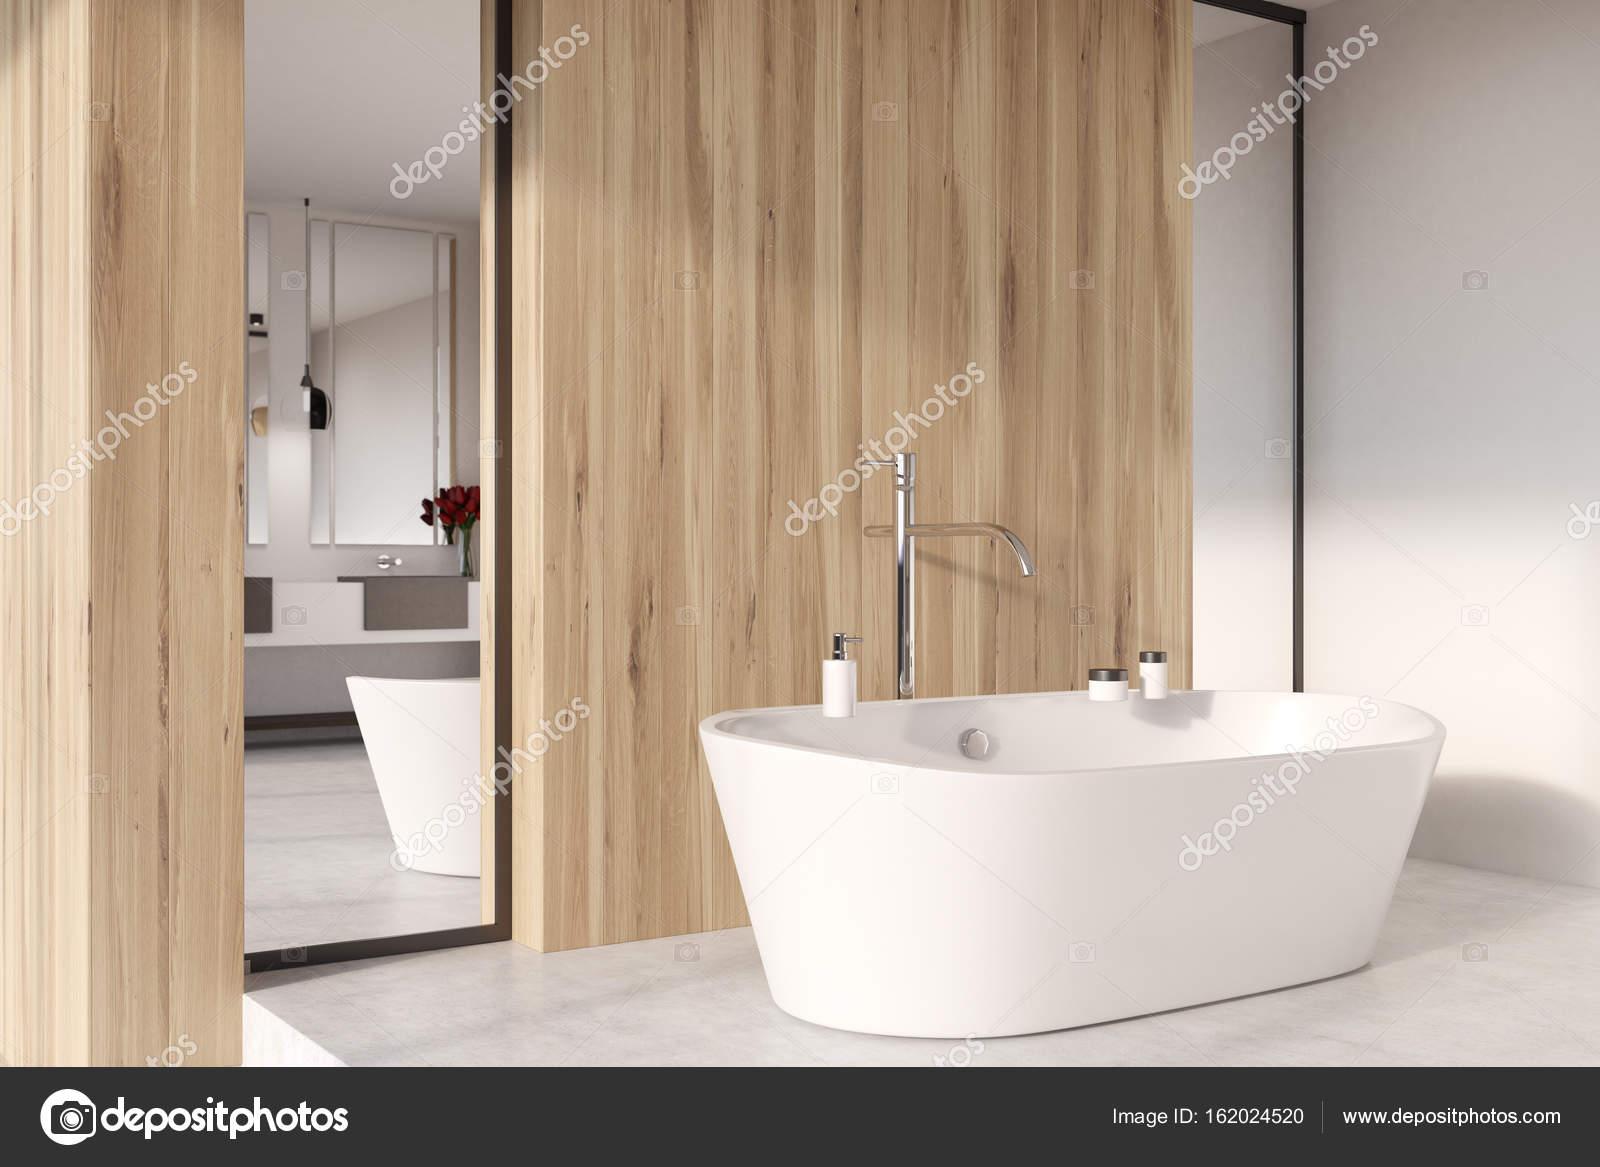 Aus Holz Bad, Dusche, Badewanne schließen sich — Stockfoto ...